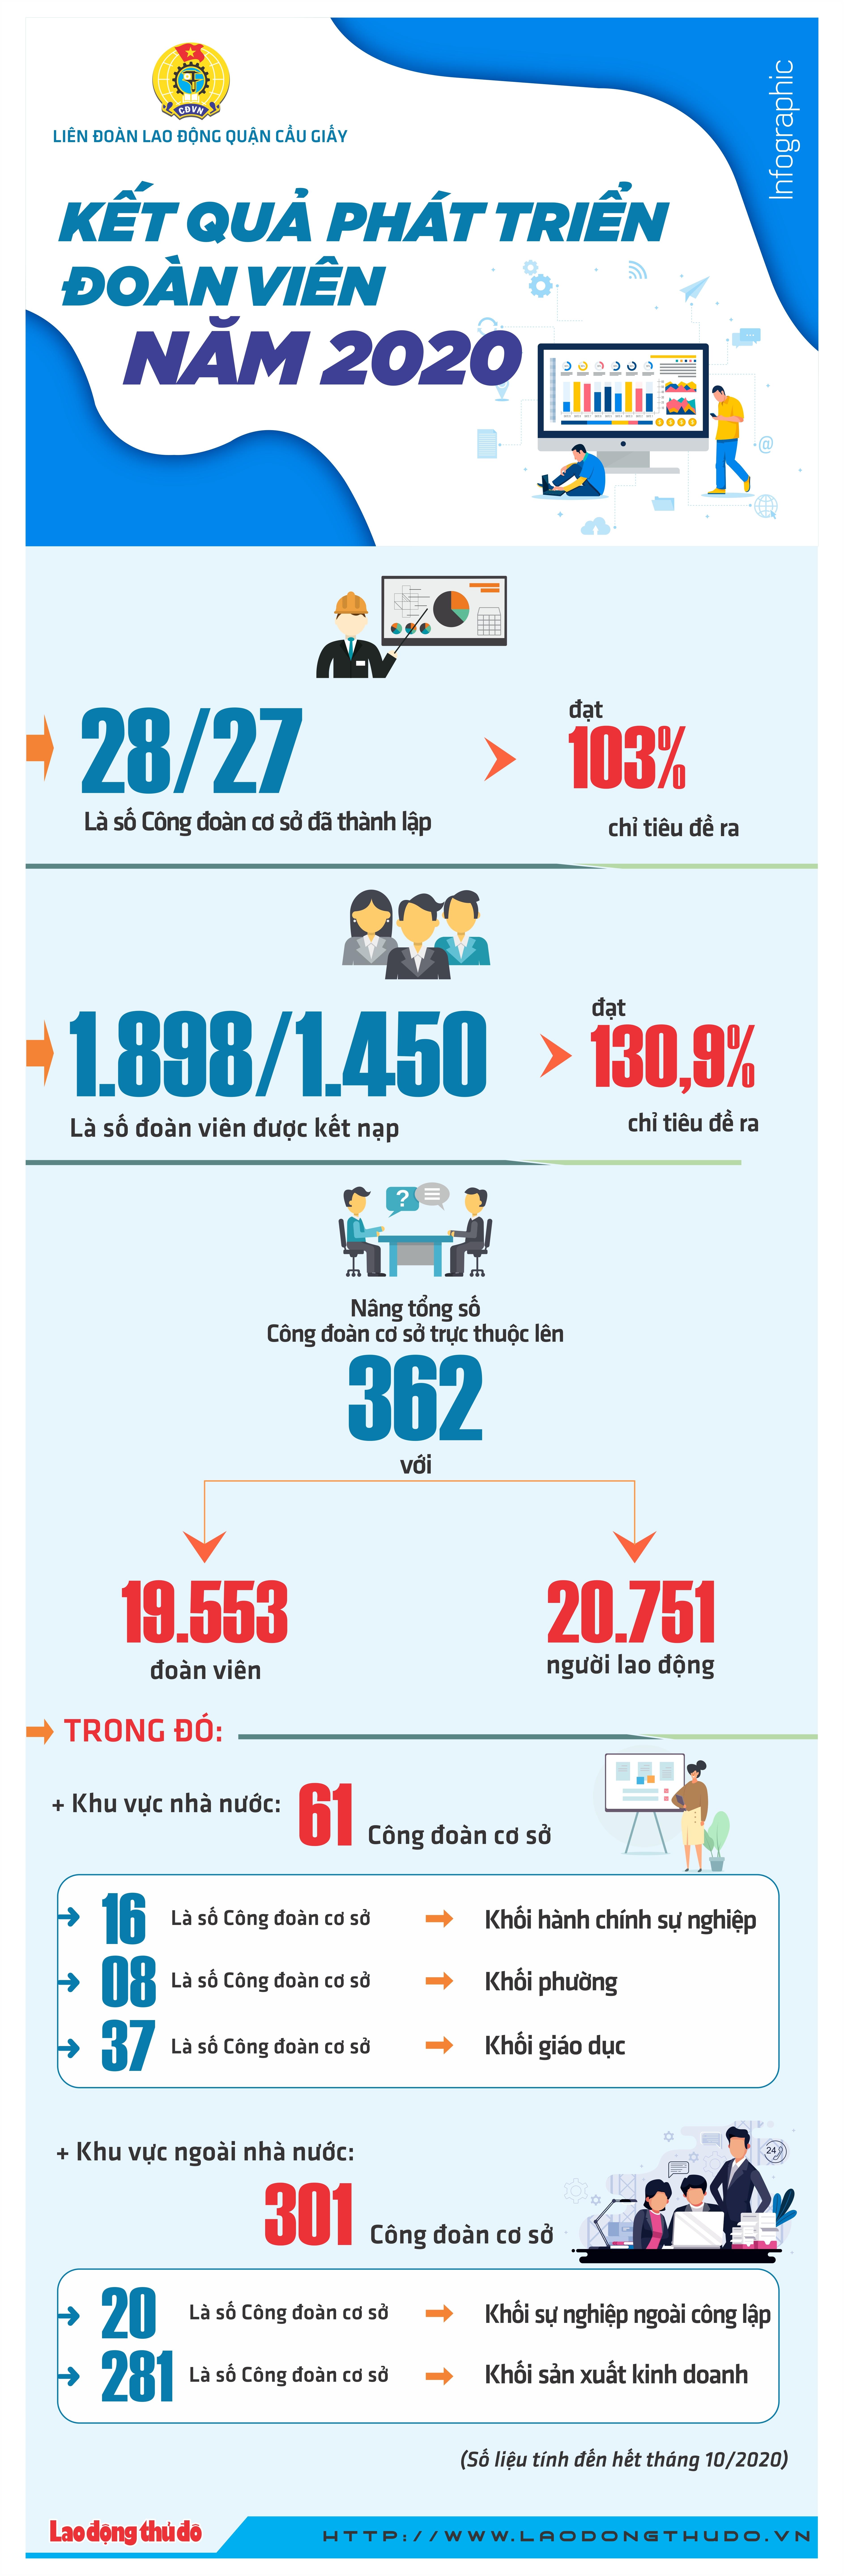 Infographic: Nâng cao hiệu quả công tác phát triển đoàn viên